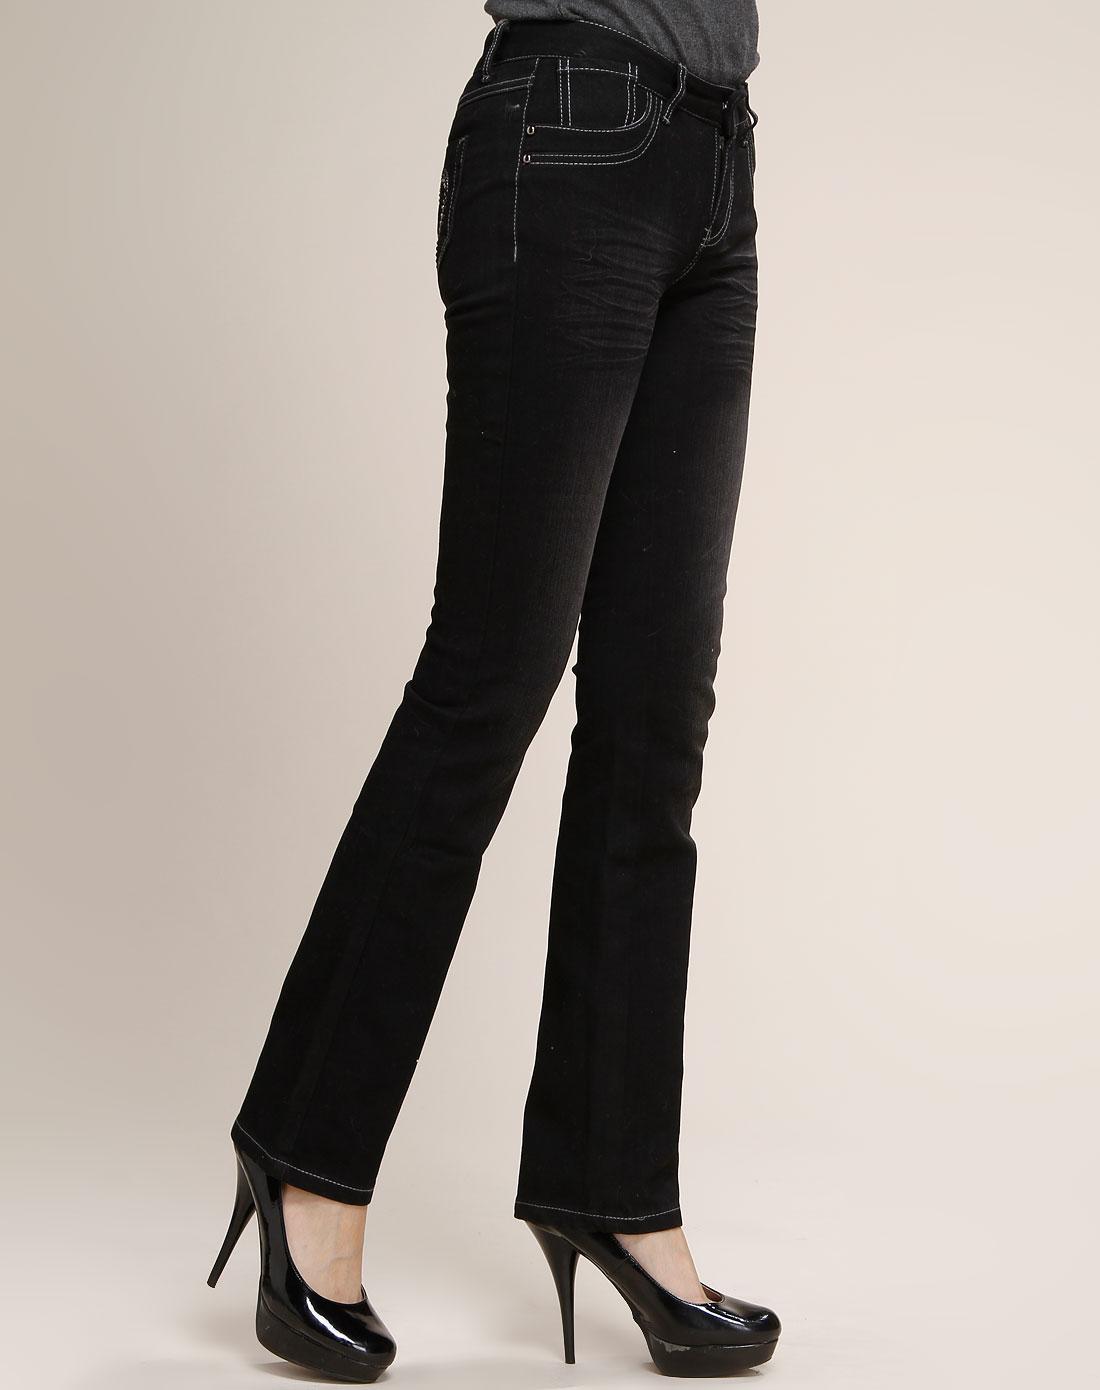 卡莎布兰卡女款黑色直筒牛仔长裤